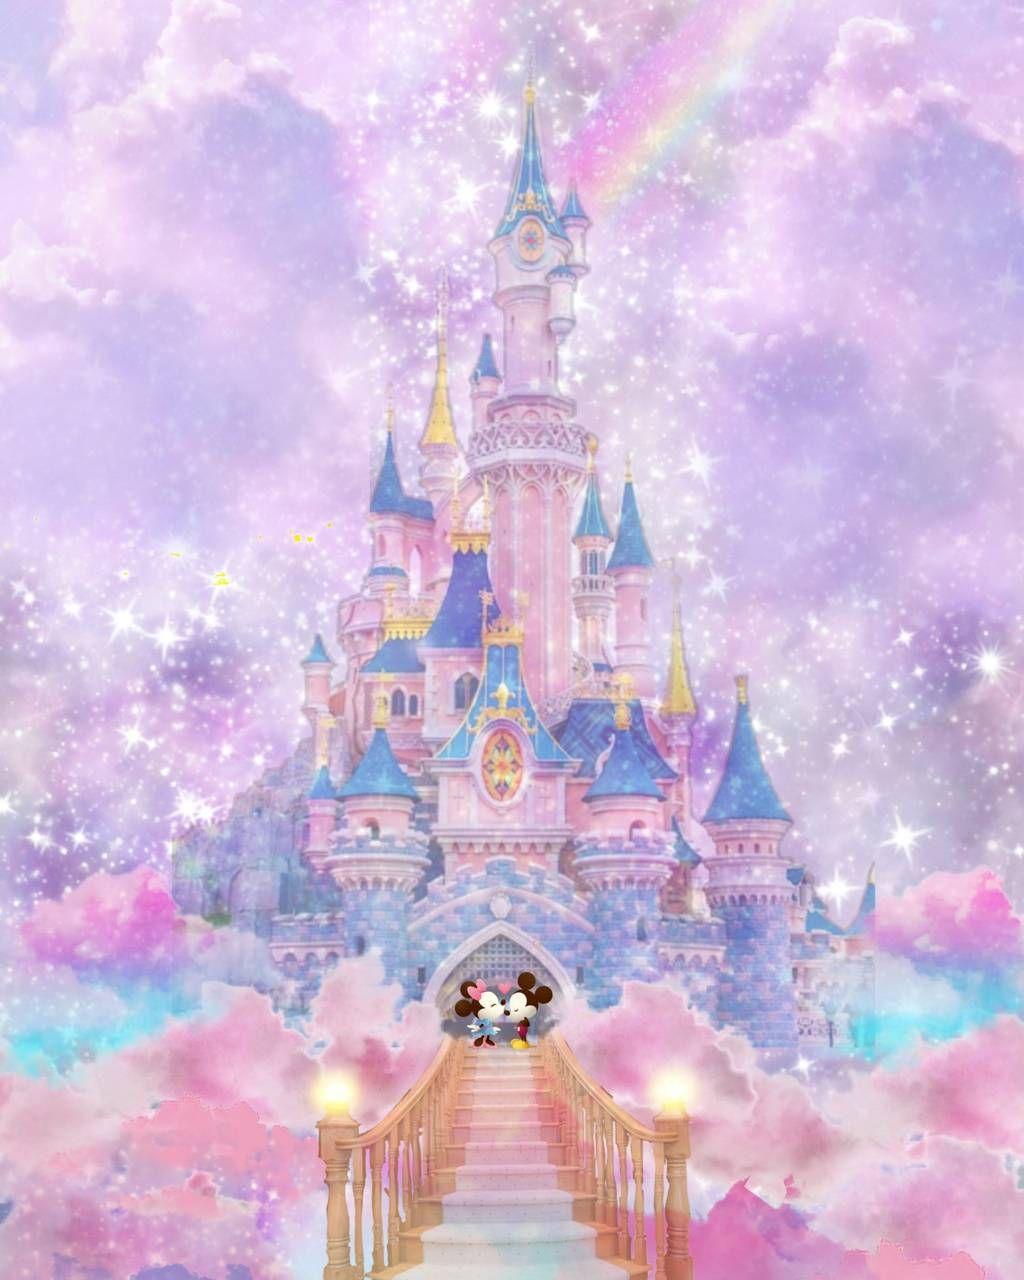 Download Disney Castle Wallpaper By Disneyclarke A9 Free On Zedge Now Browse Millions Of Disney Wallpaper Disney Princess Wallpaper Cute Disney Wallpaper